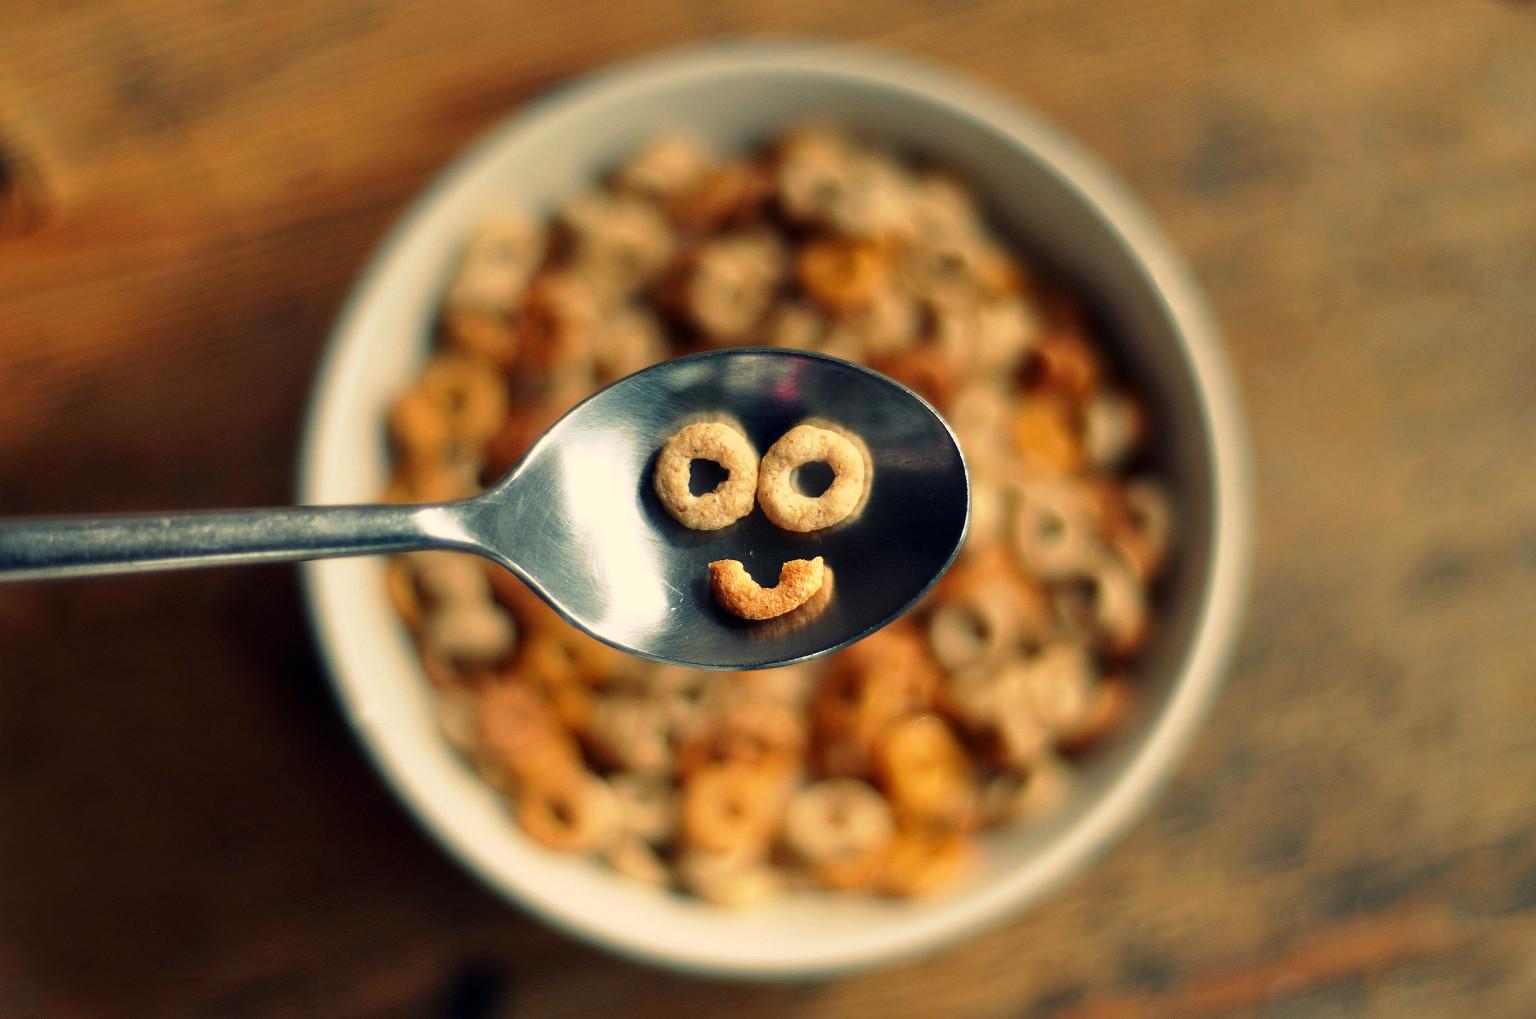 Le petit-déjeûner ça donne le sourire et de l'énergie :) (photo de cet article)